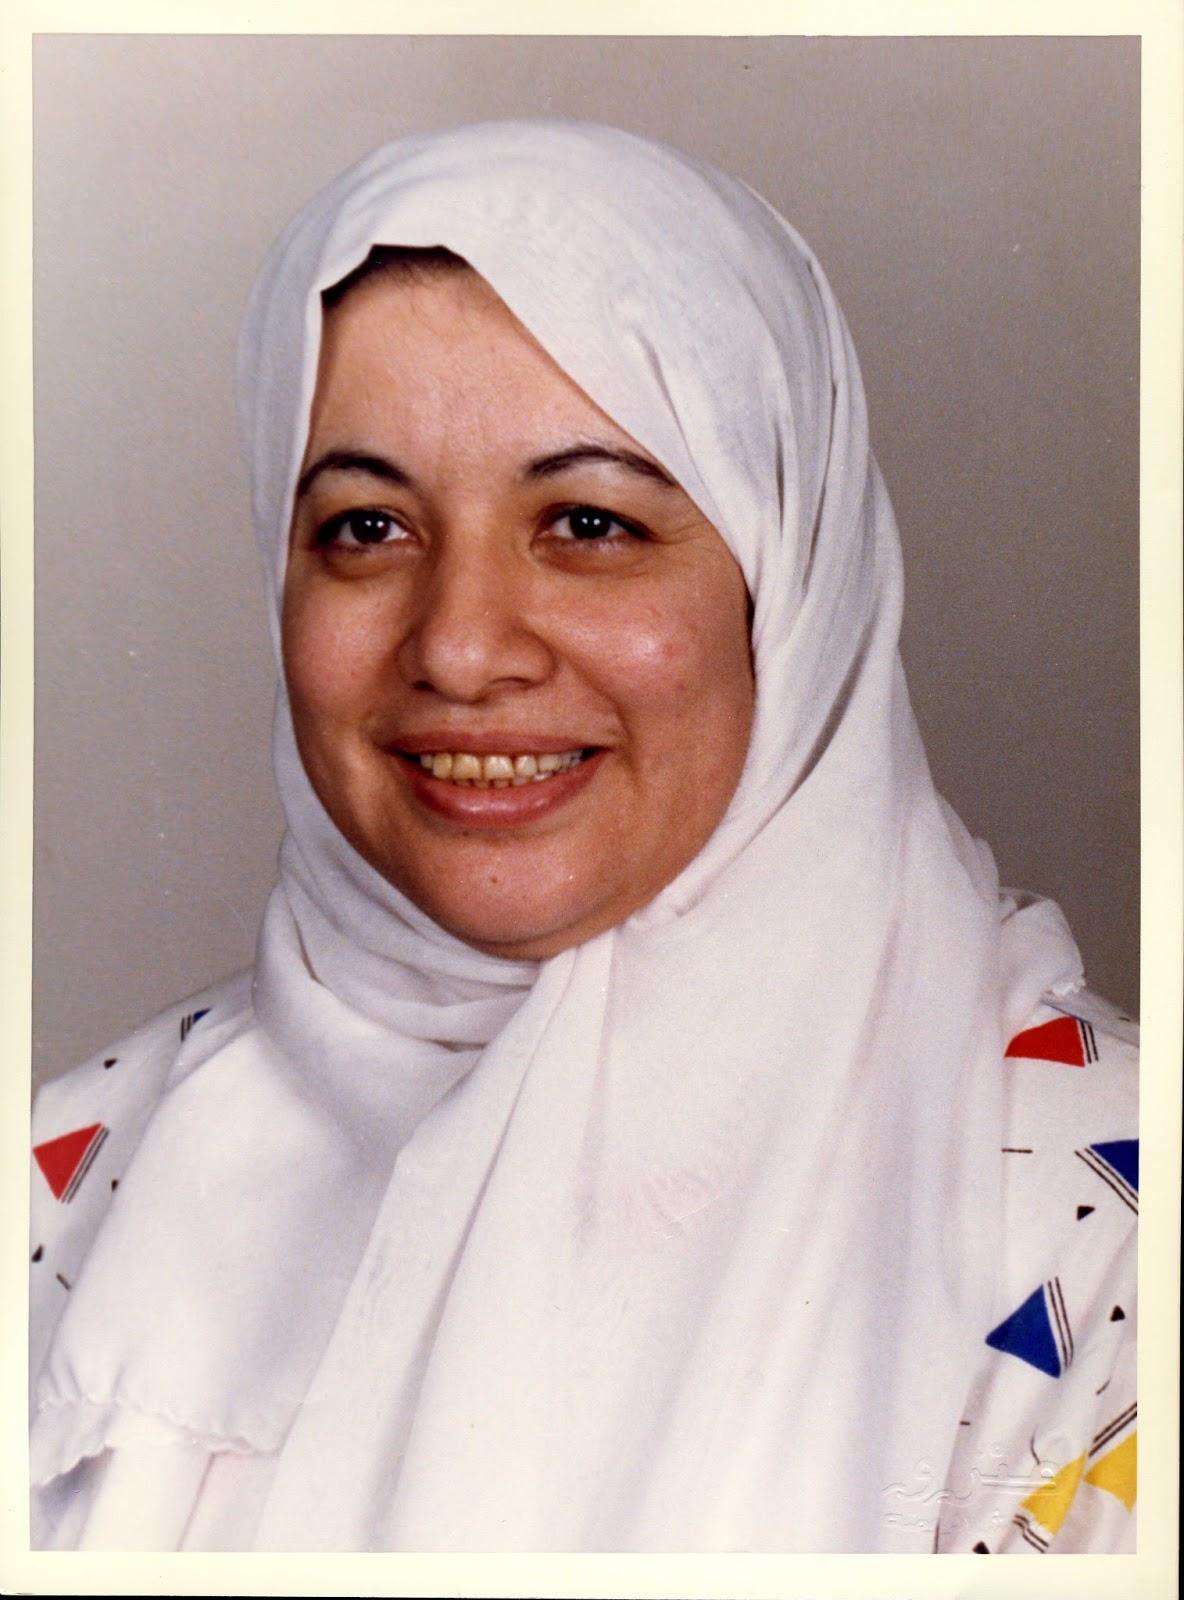 الشورى وحق المرأة في استصدار جواز سفرها وتجديده